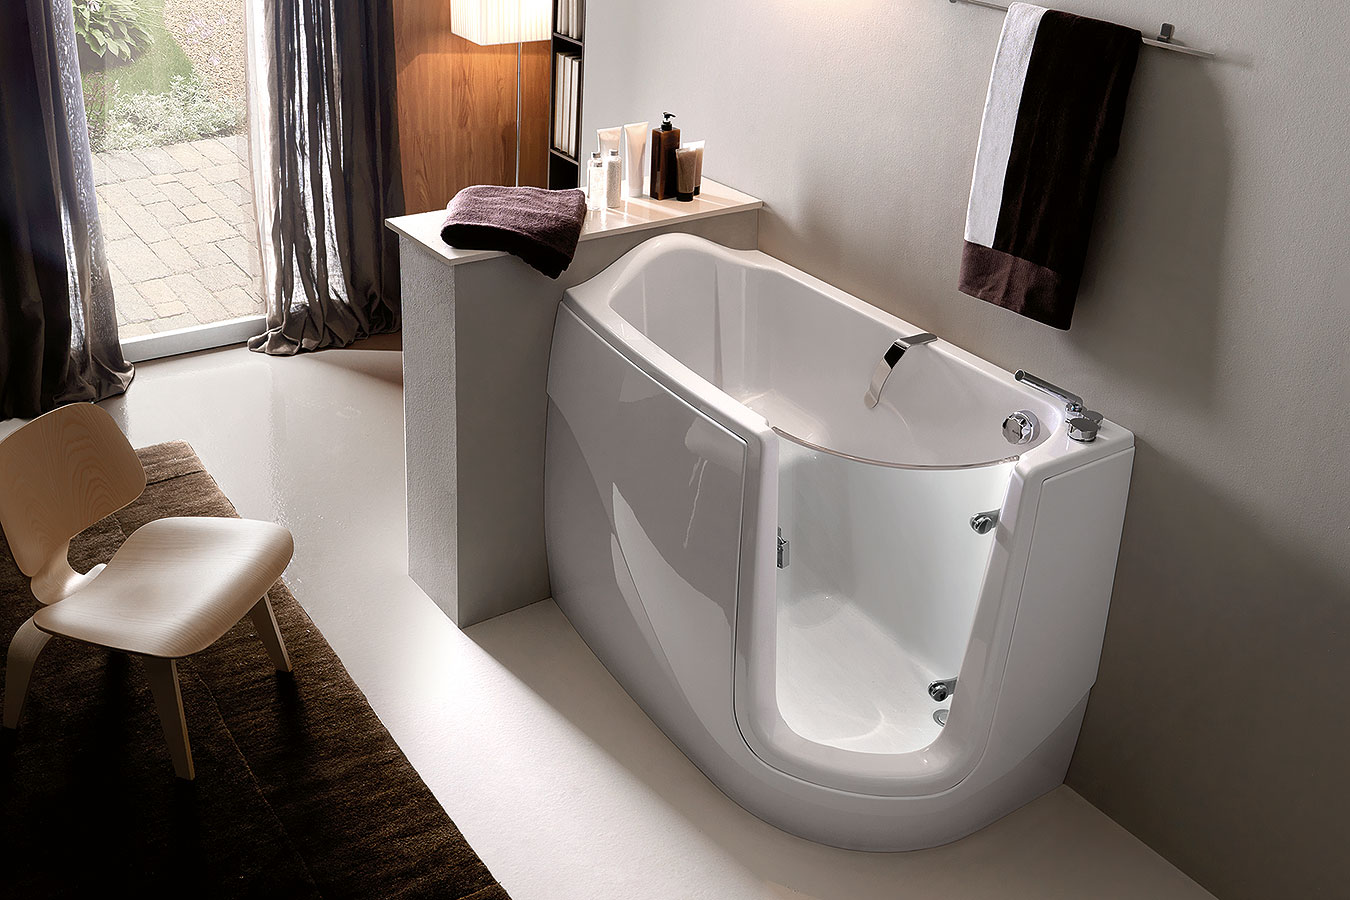 Vasca Da Bagno Doppia Misure : Vasche da bagno idromassaggio con doccia: camere romantiche con